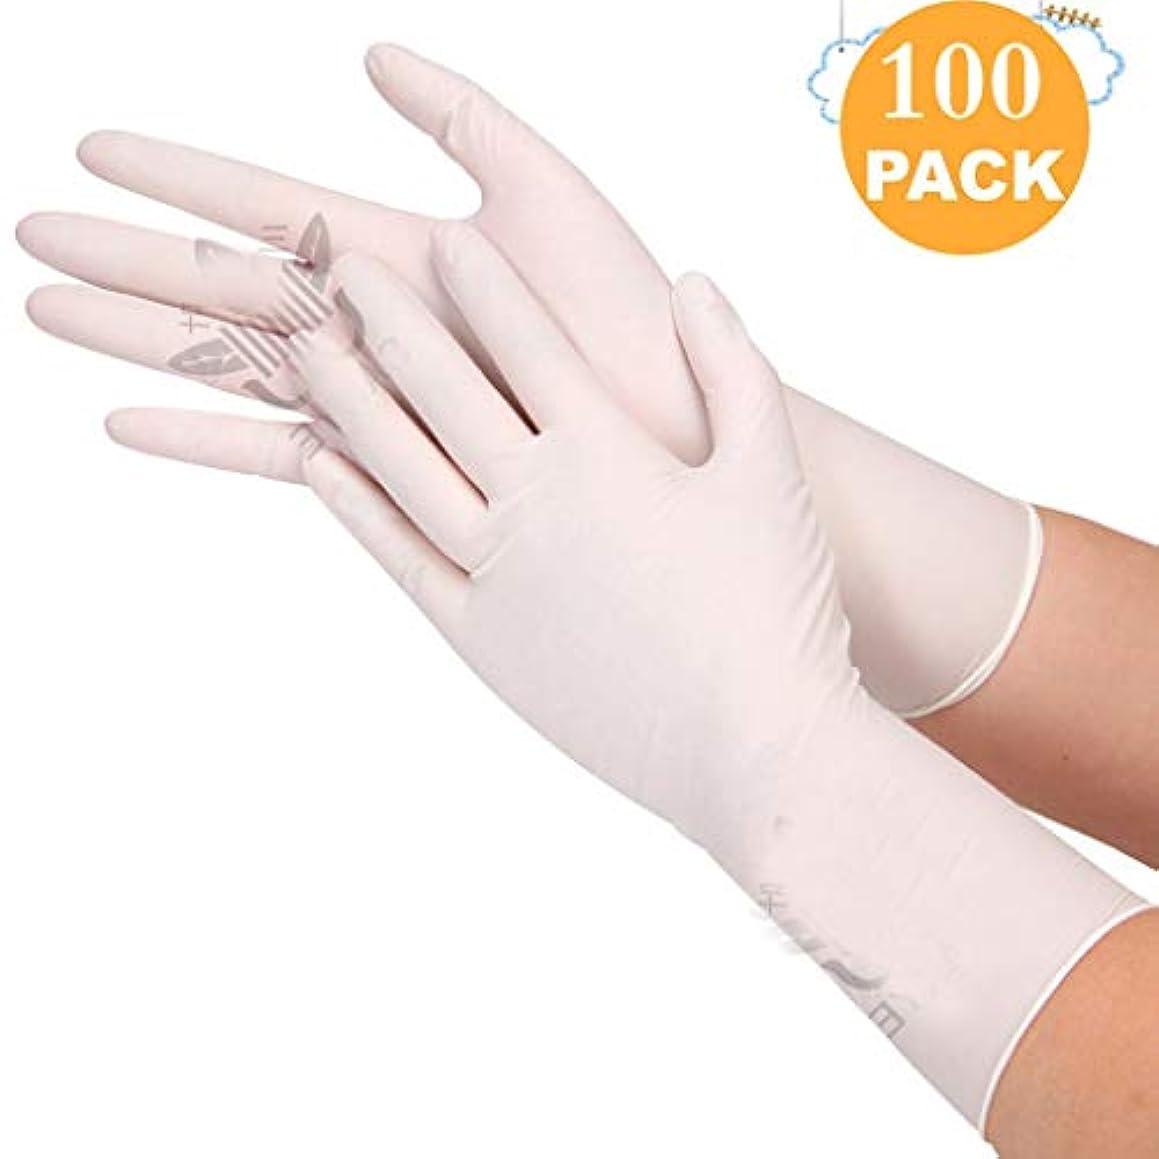 引き出しポットうめき声使い捨て手袋ニトリルゴム医療検査手袋ラテックス無菌手術ドクター12インチ100パーパック (Size : L)